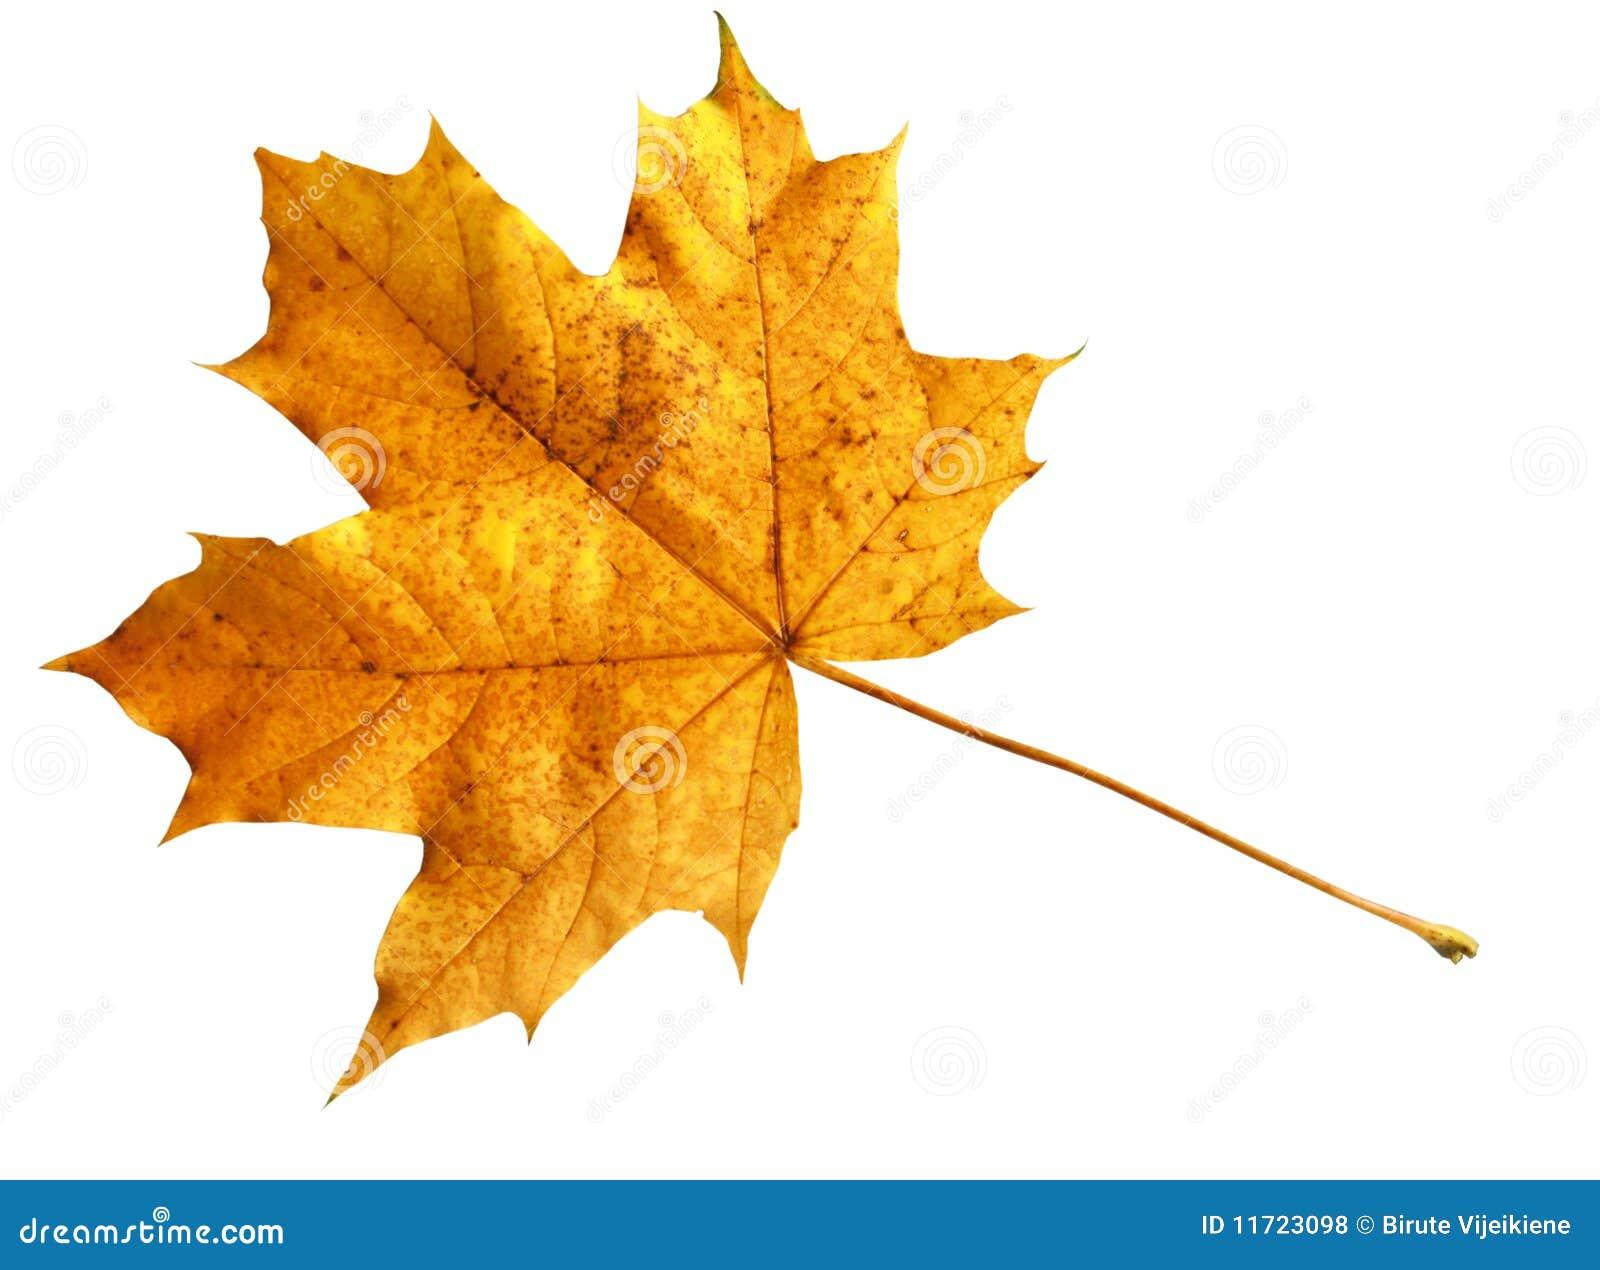 Orange Leaf Royalty Free Stock Photos Image 11723098